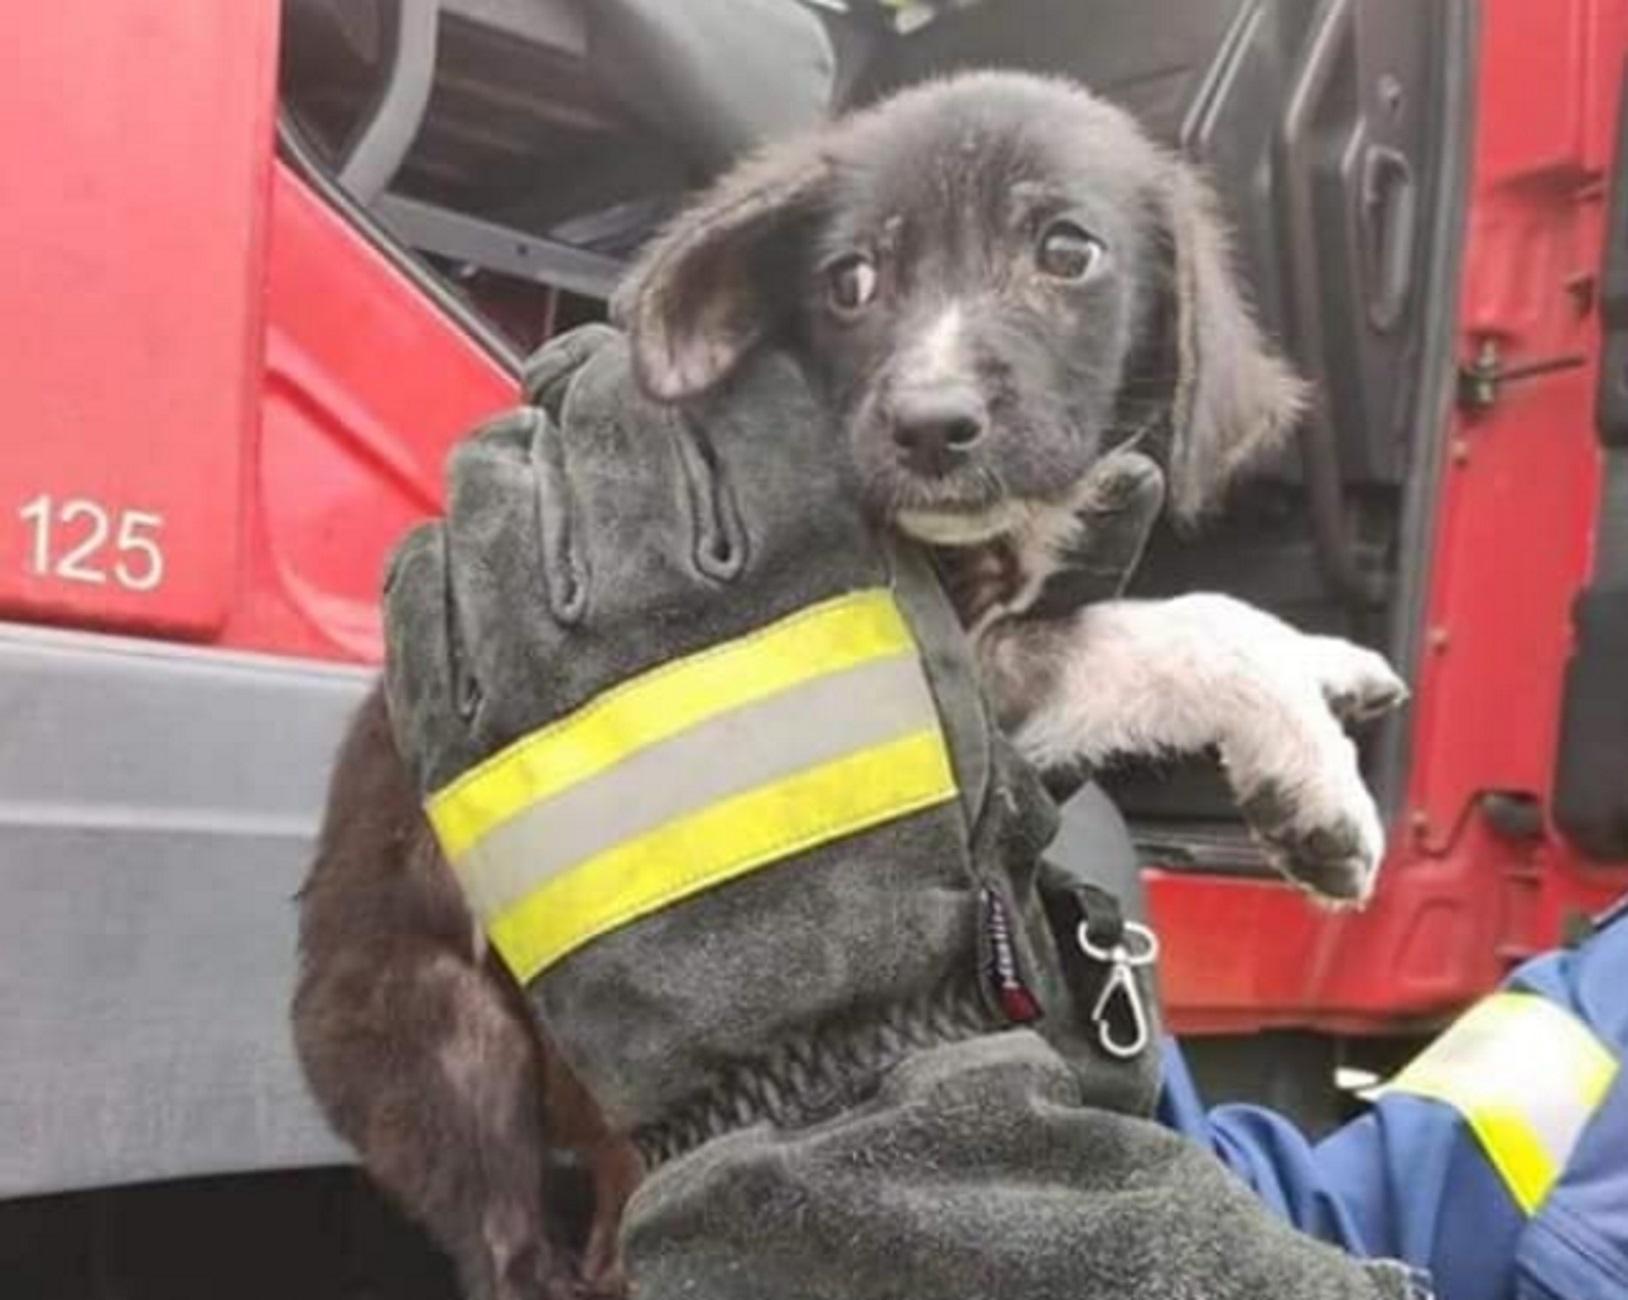 Ξάνθη: Η γλυκιά «Fire» τα κατάφερε στη φωτιά – Δείτε το κουτάβι που έγινε διάσημο σε ολόκληρη την πόλη